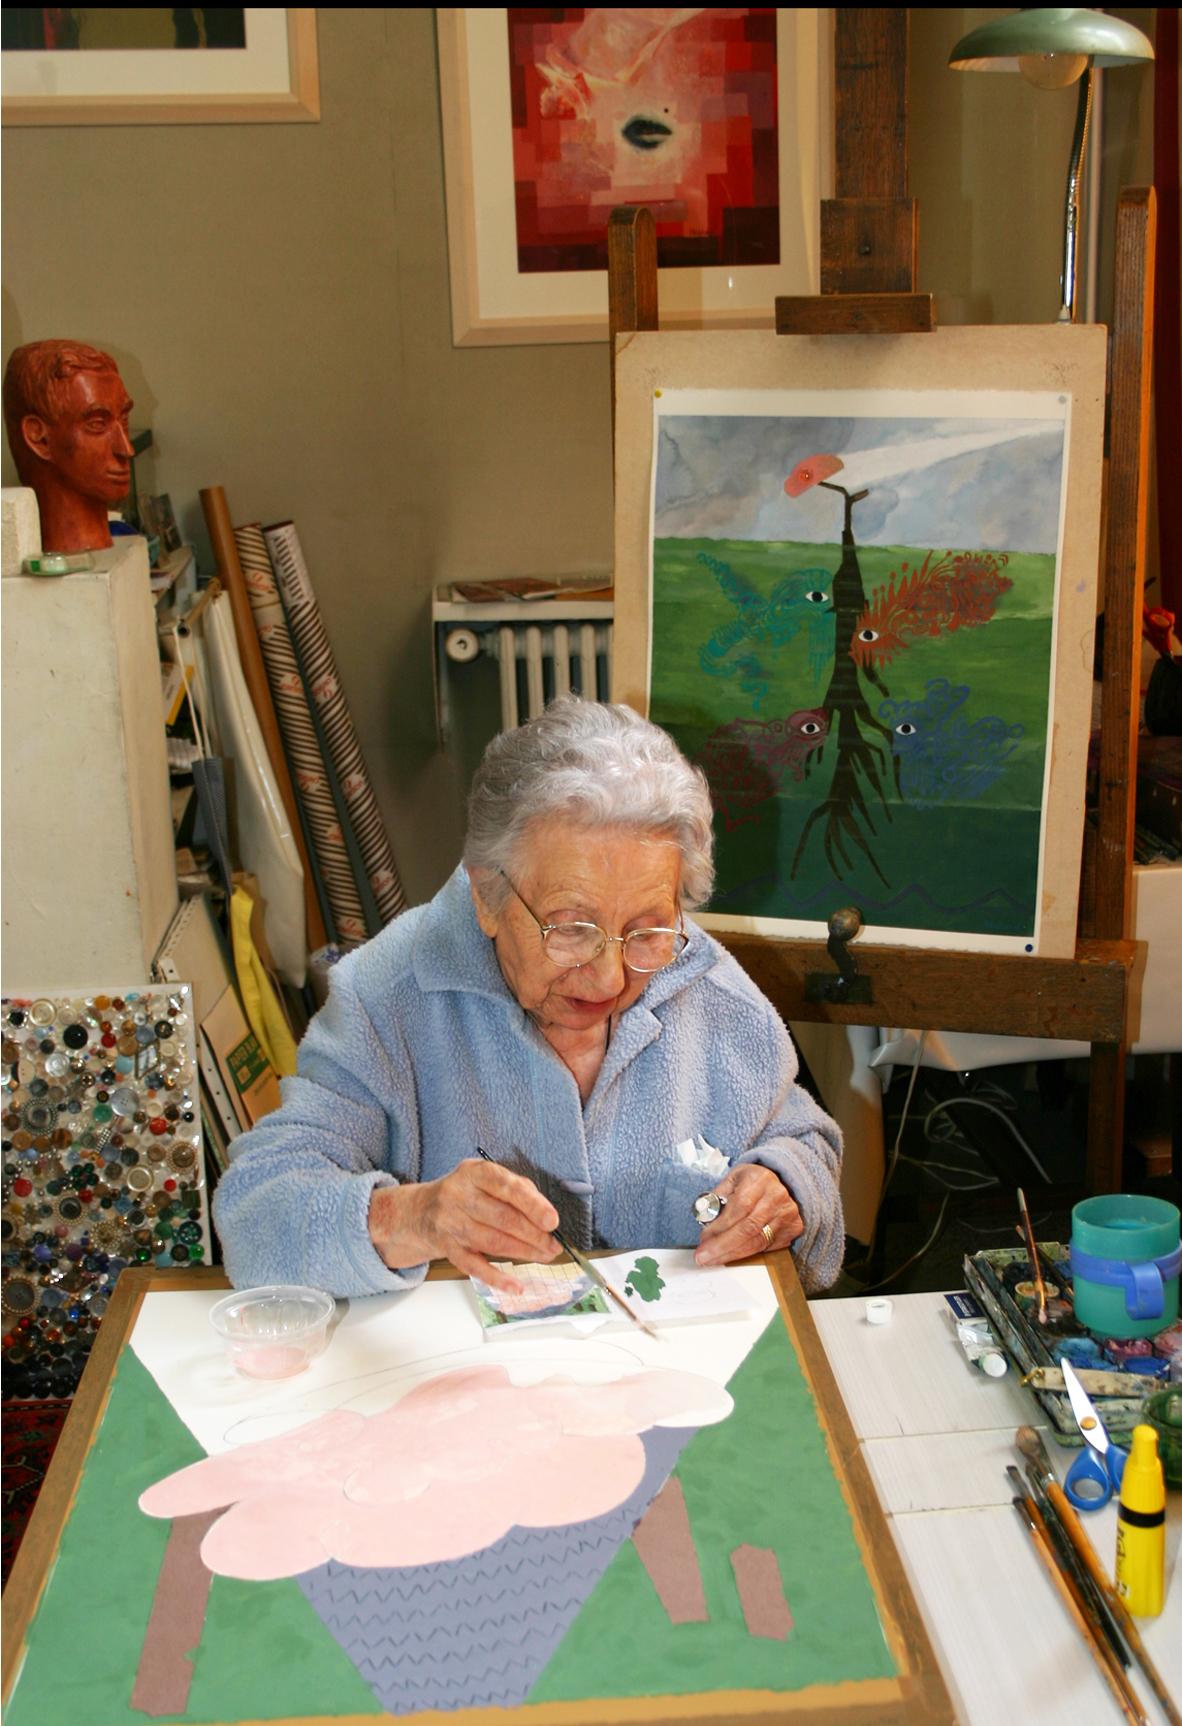 L'Artiste en 2006 dans son atelier de la rue des Plantes à Paris